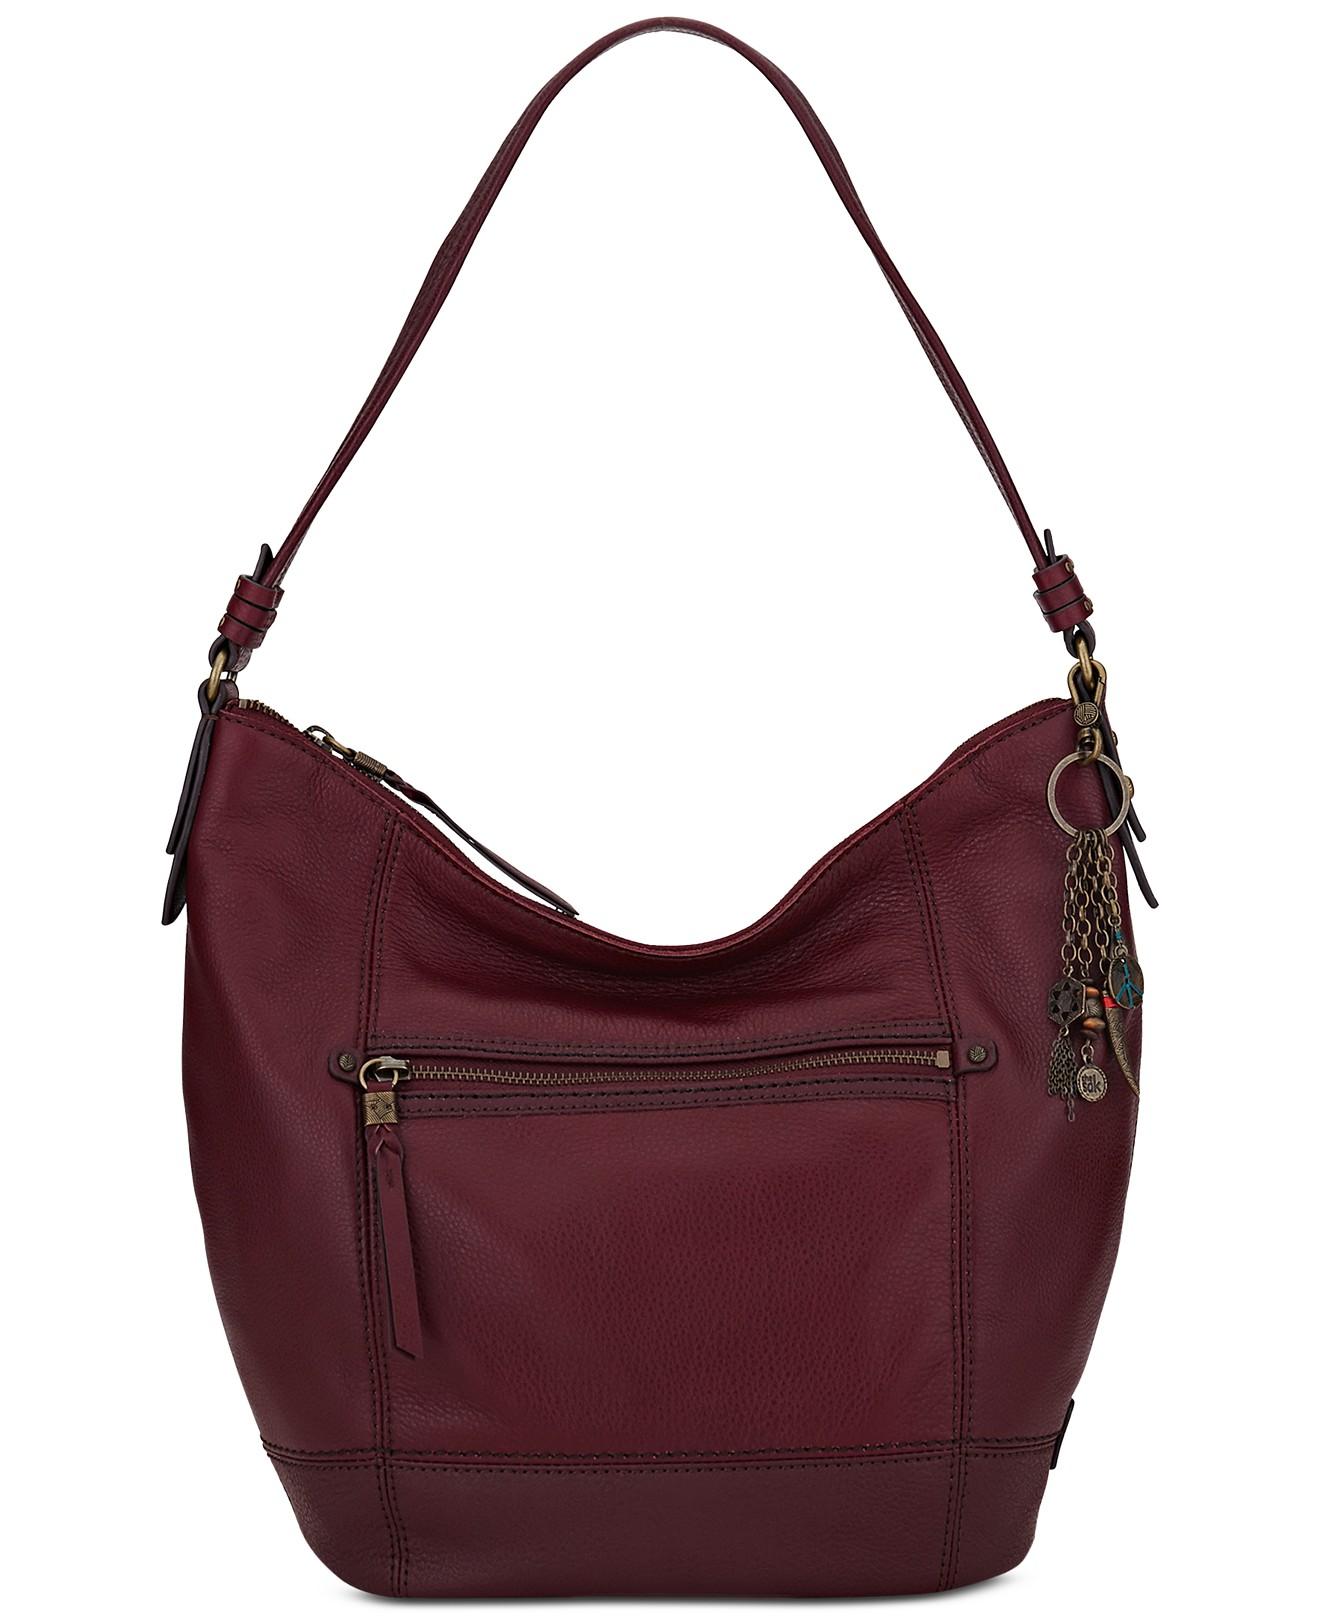 Marsala Hobo Leather Bag